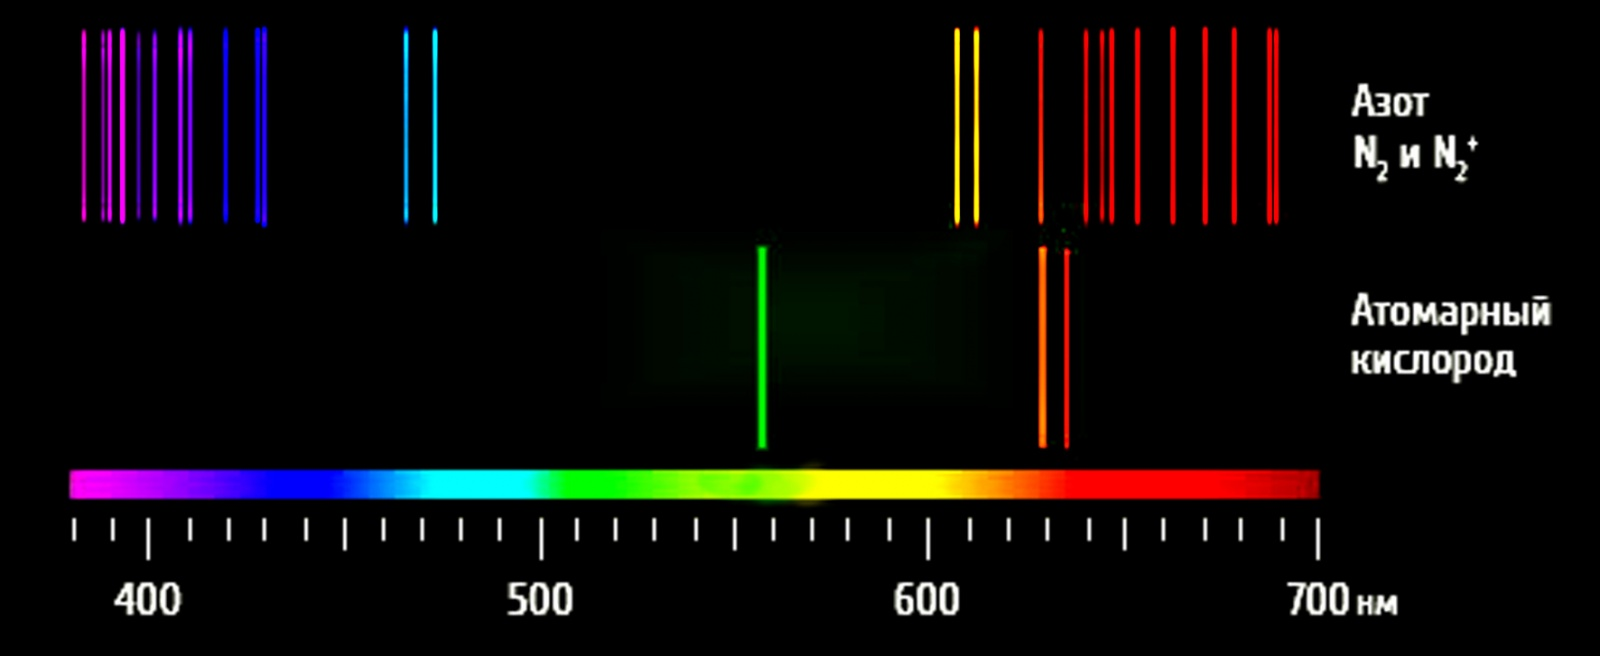 Полярные сияния на планетах Солнечной системы - 4